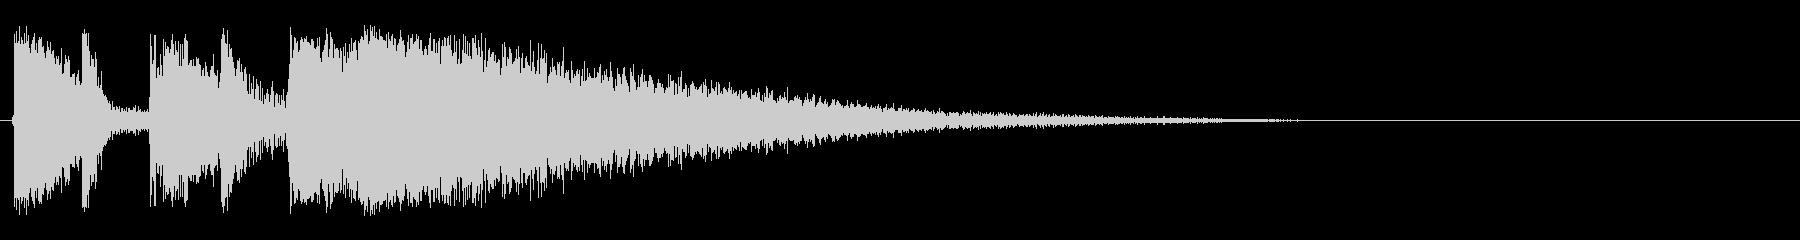 ロック ヘヴィロックの未再生の波形